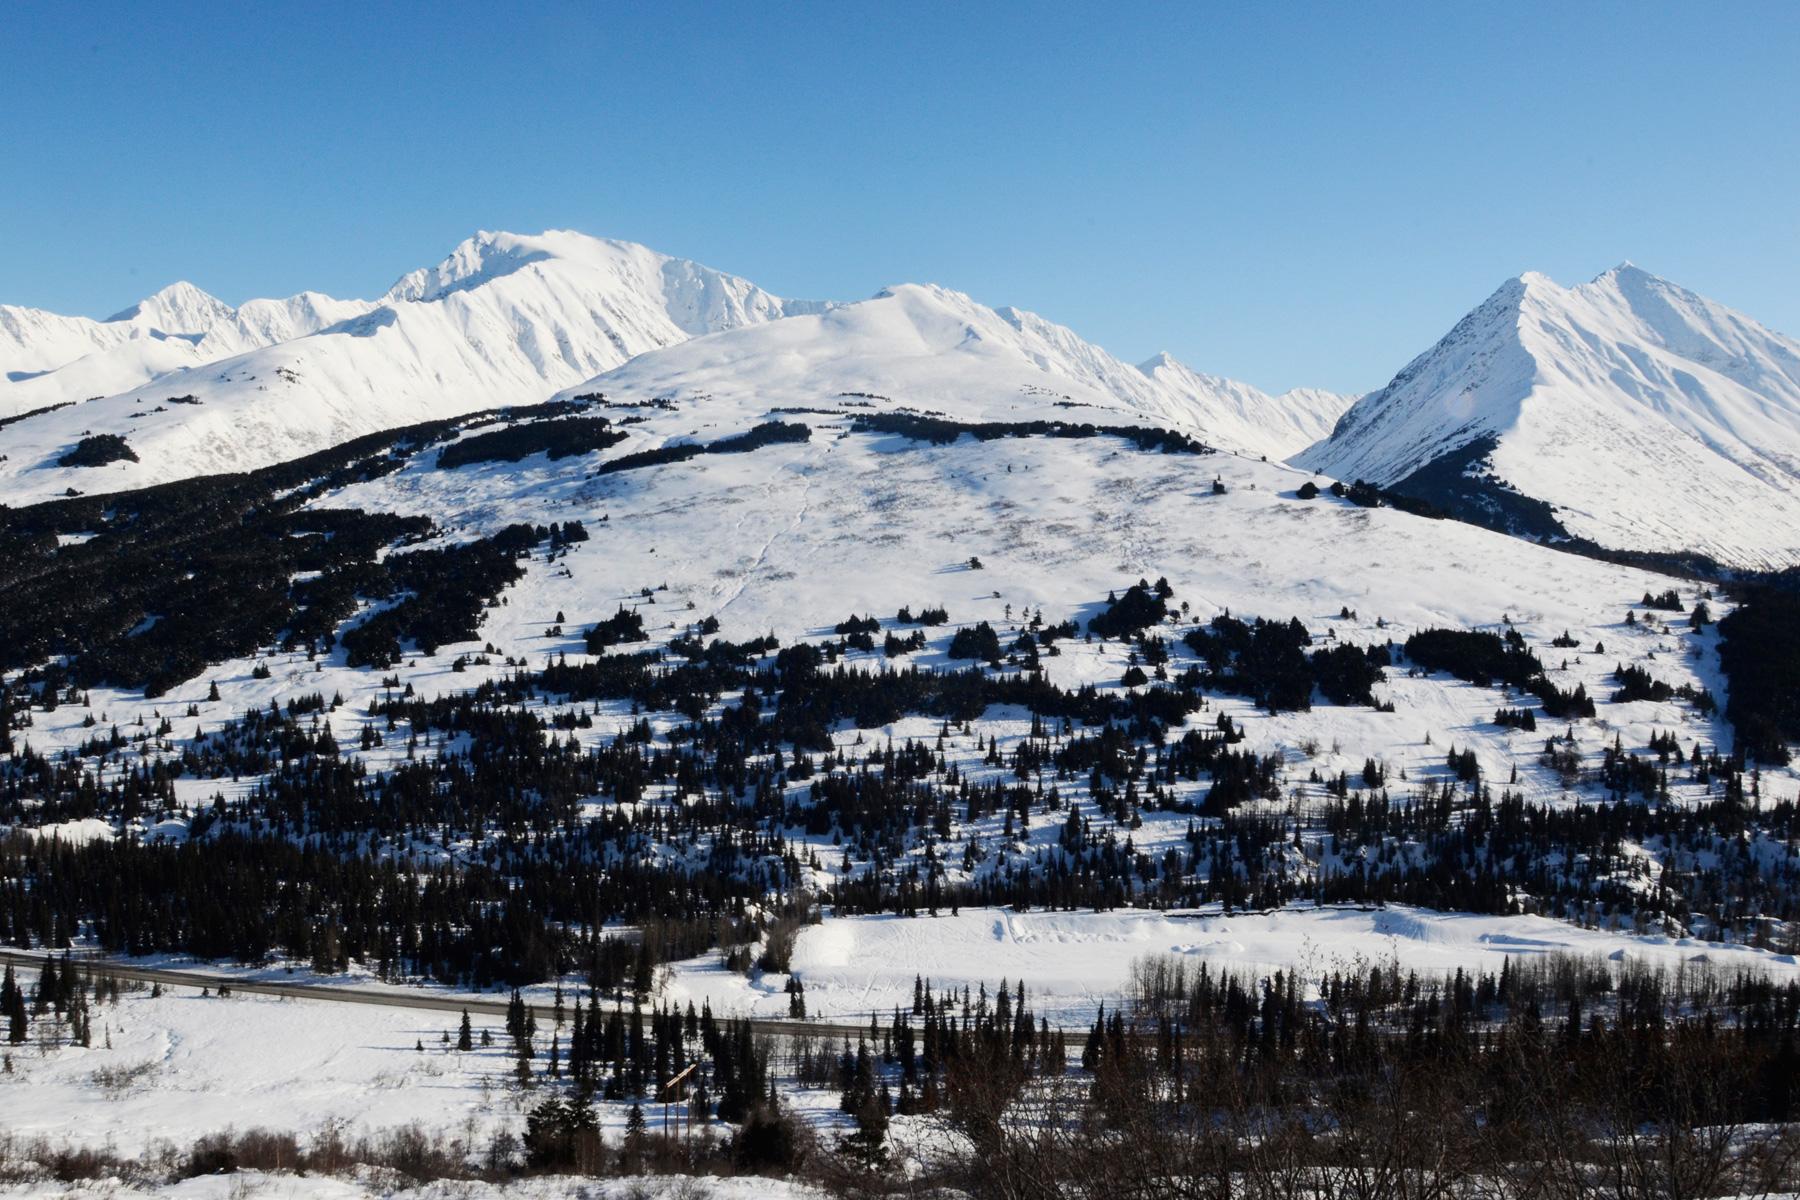 Manitoba Mountain on the Kenai Peninsula